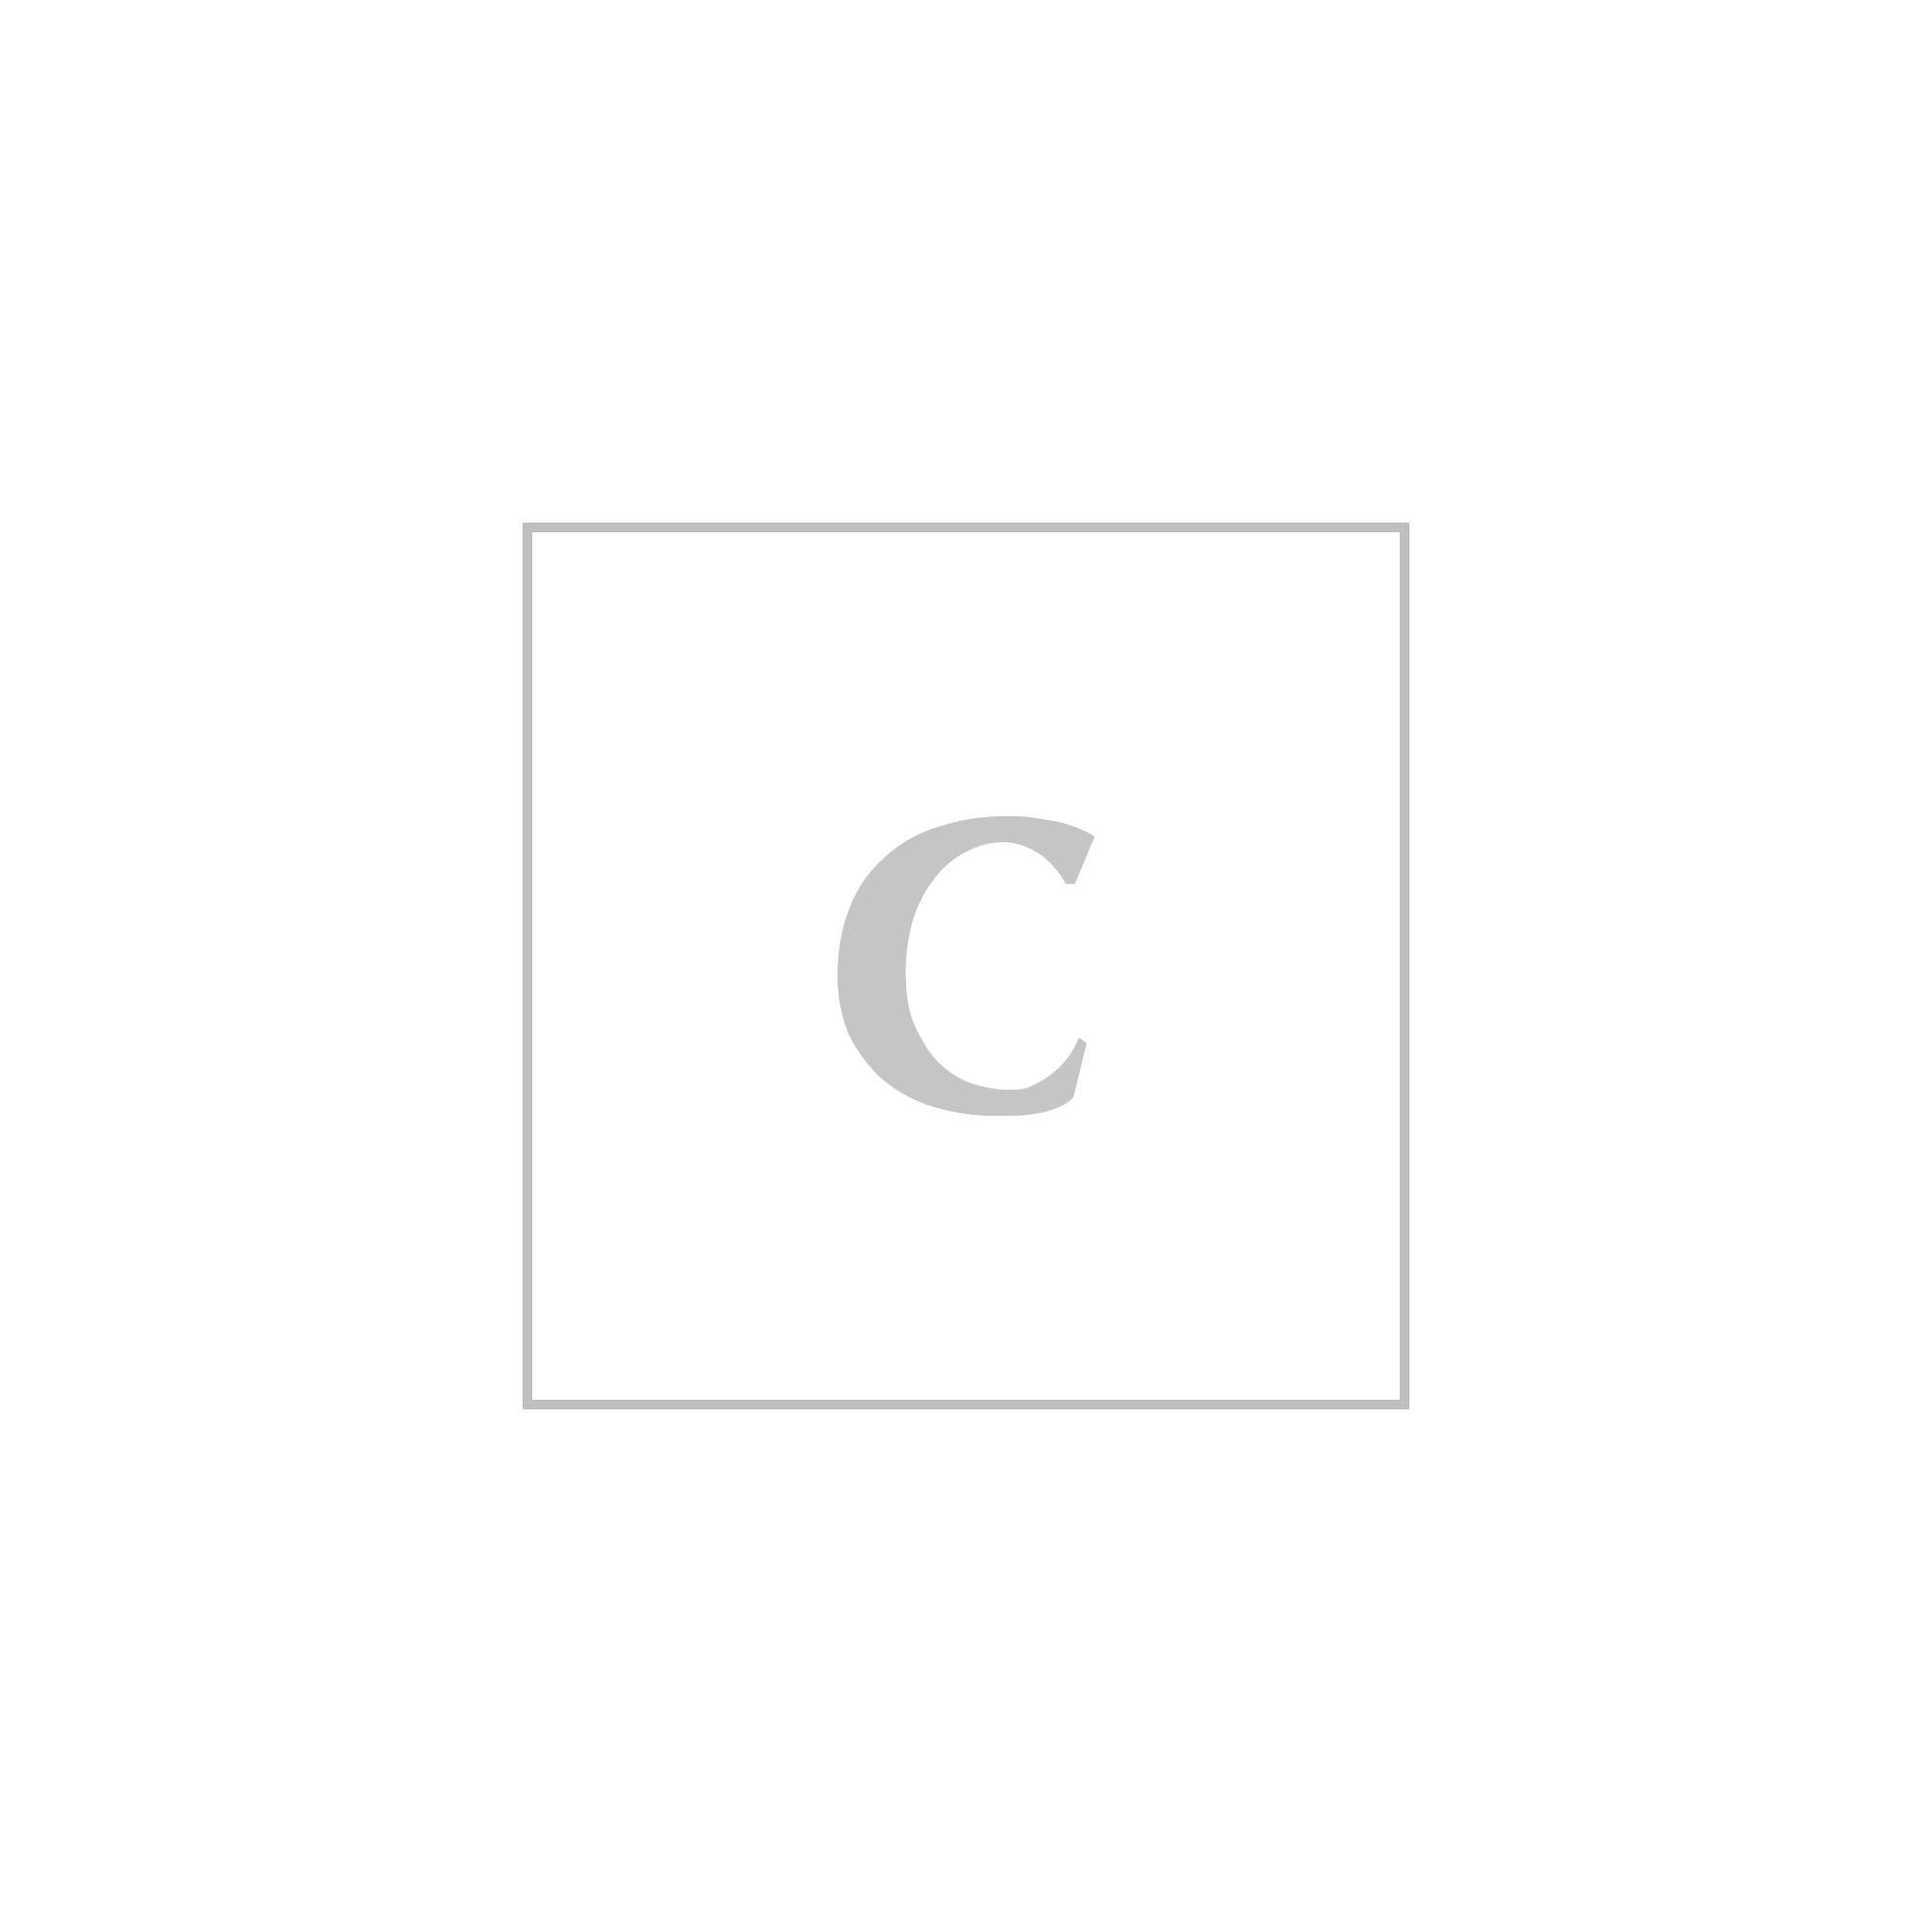 Christian Dior dior texture pump